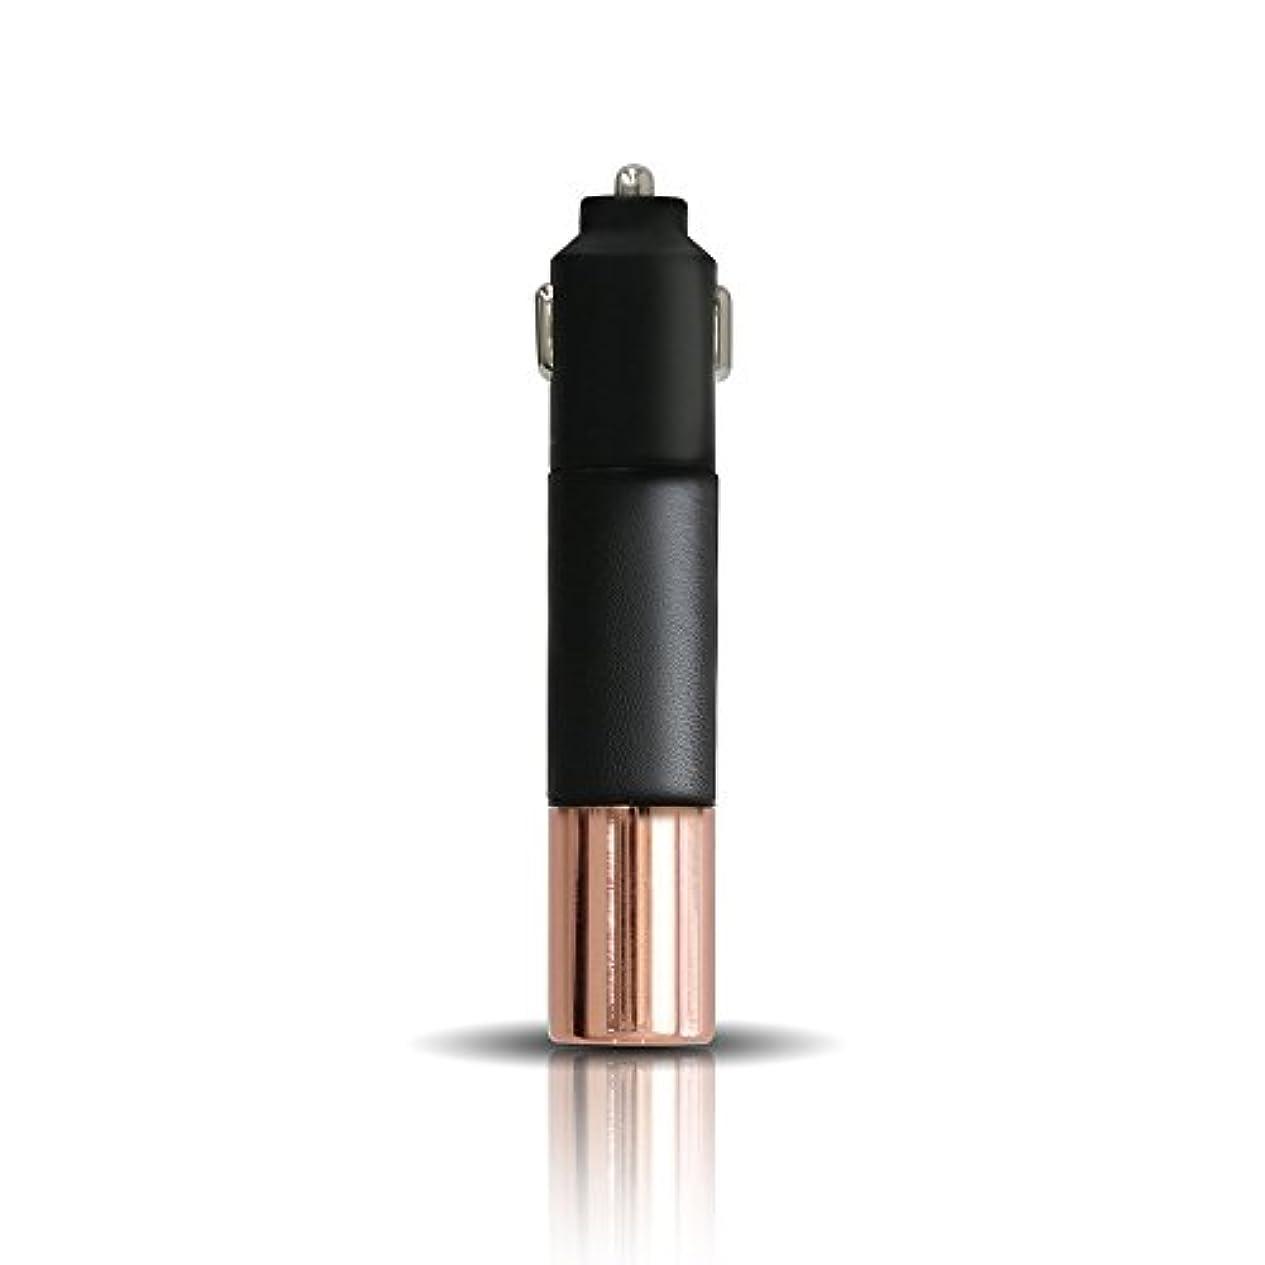 目的悔い改め配管工PRISMATE(プリズメイト) Driving Aroma Diffuser Leather and Metal PR-AD02C (BK(ブラック))